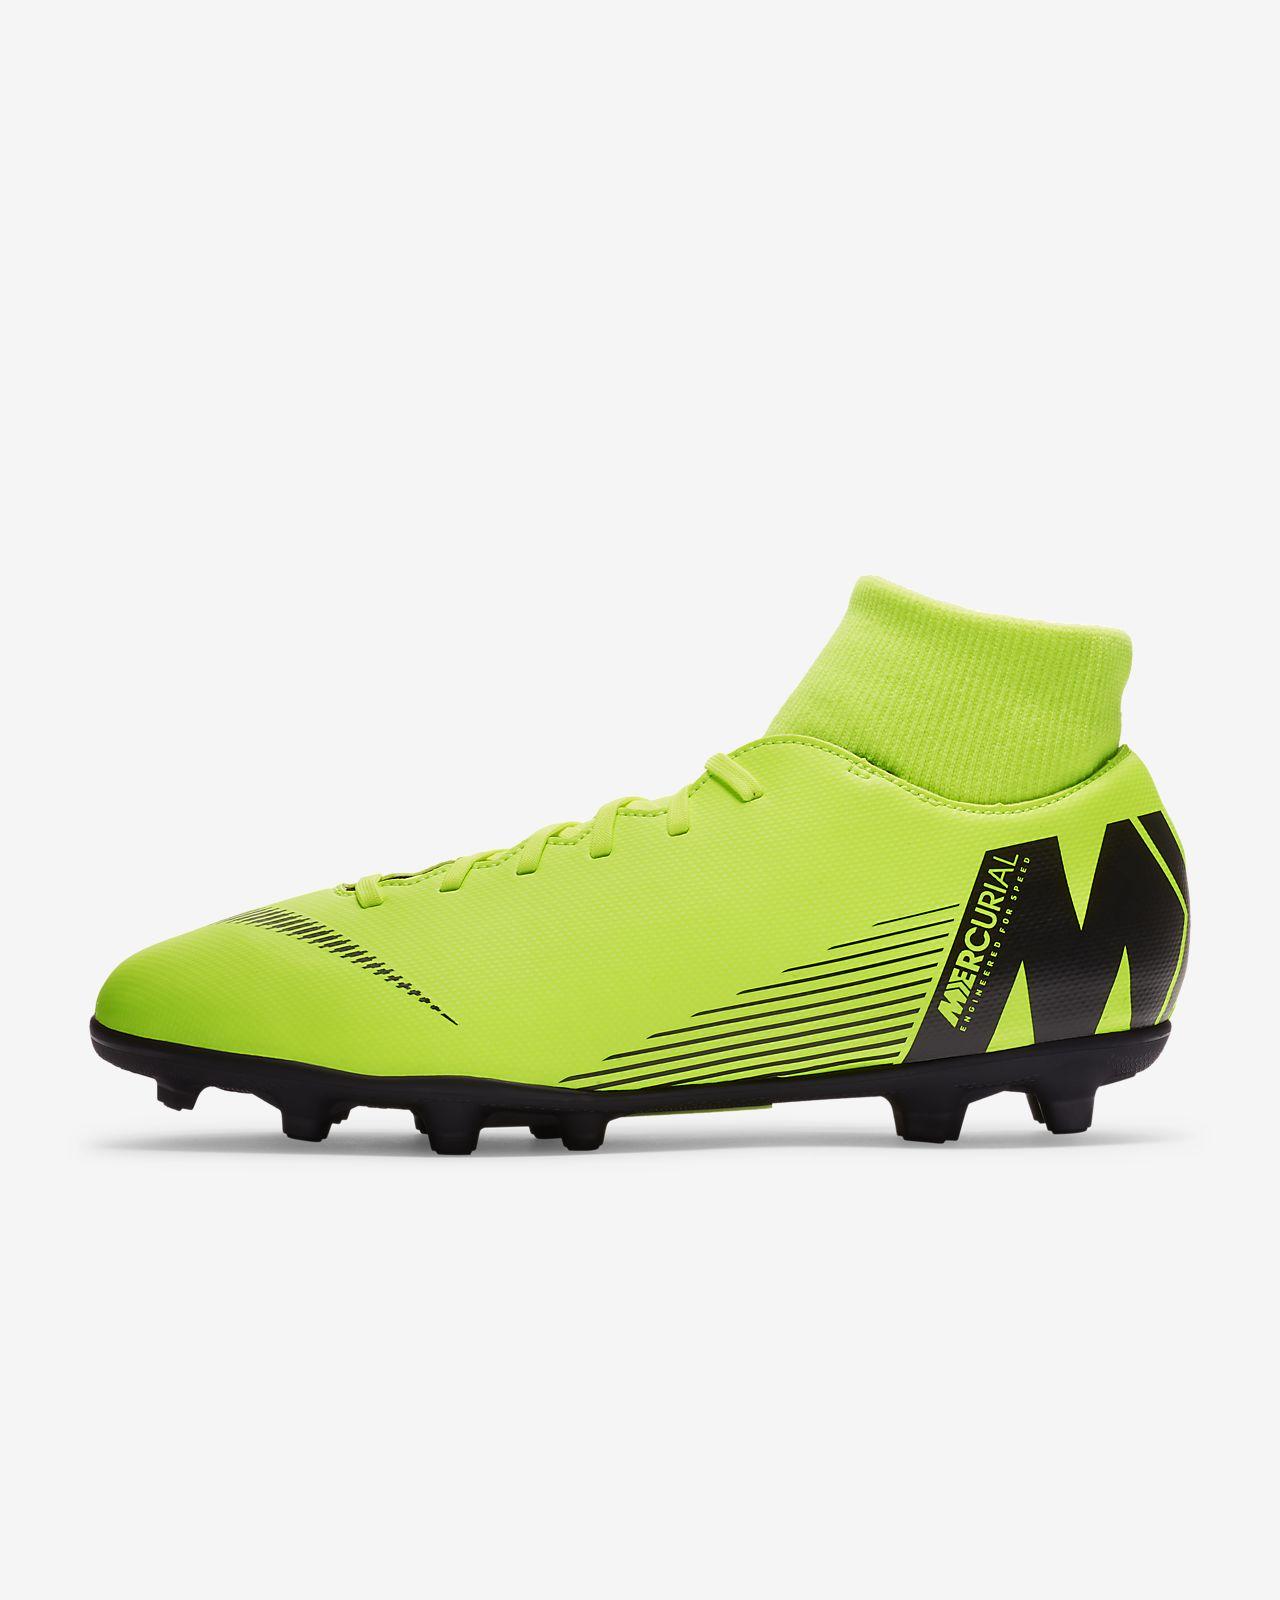 official photos e396e 047f2 ... Fotbollssko för varierat underlag Nike Mercurial Superfly VI Club